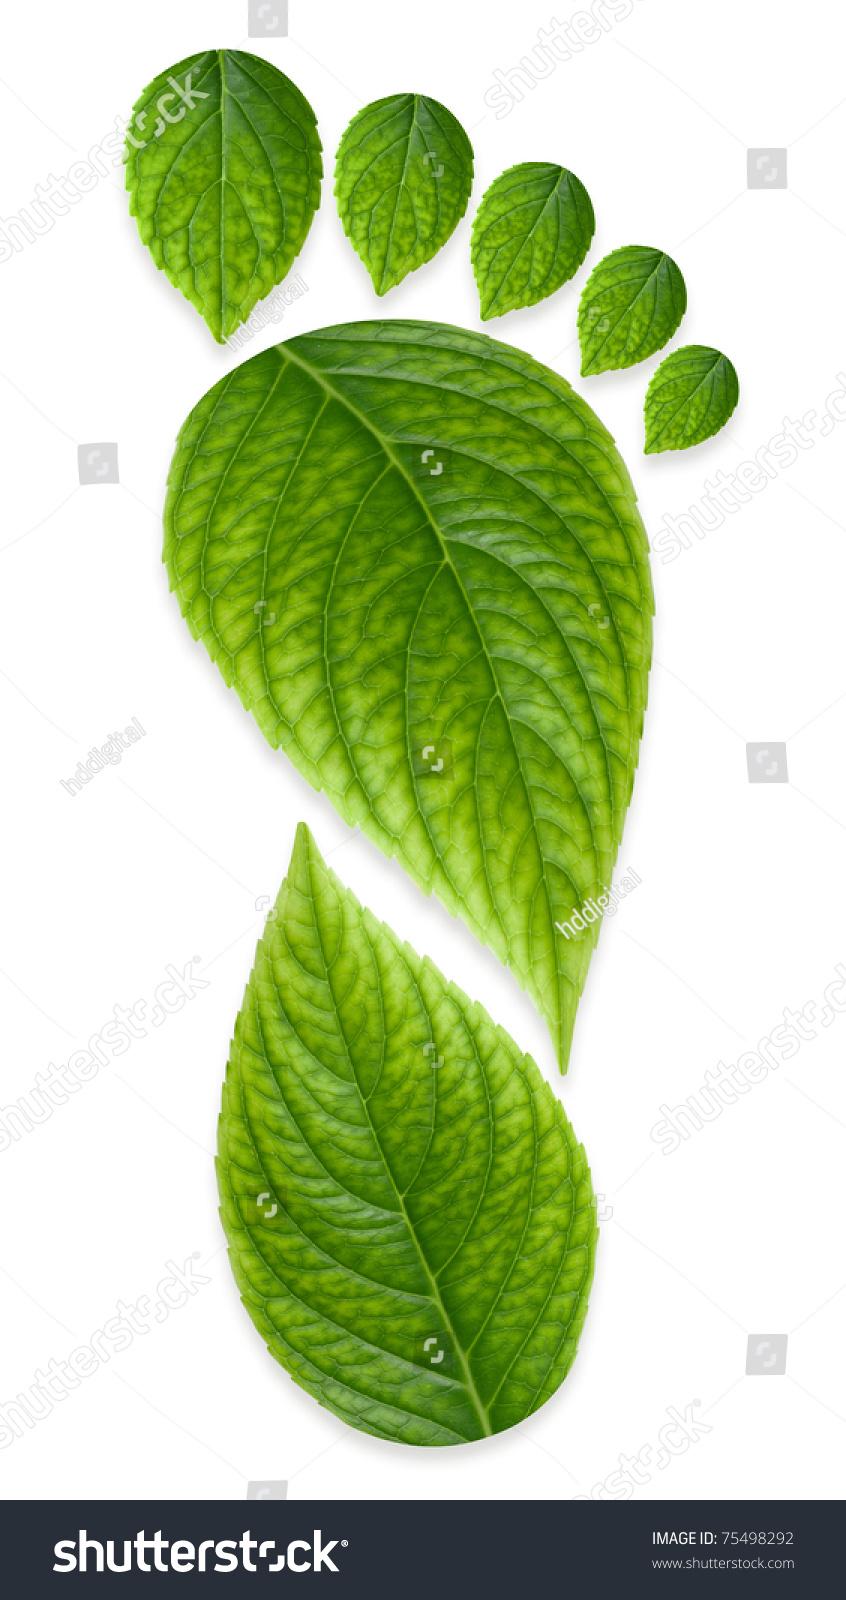 背景 壁纸 绿色 绿叶 蔬菜 树叶 植物 桌面 845_1600 竖版 竖屏 手机